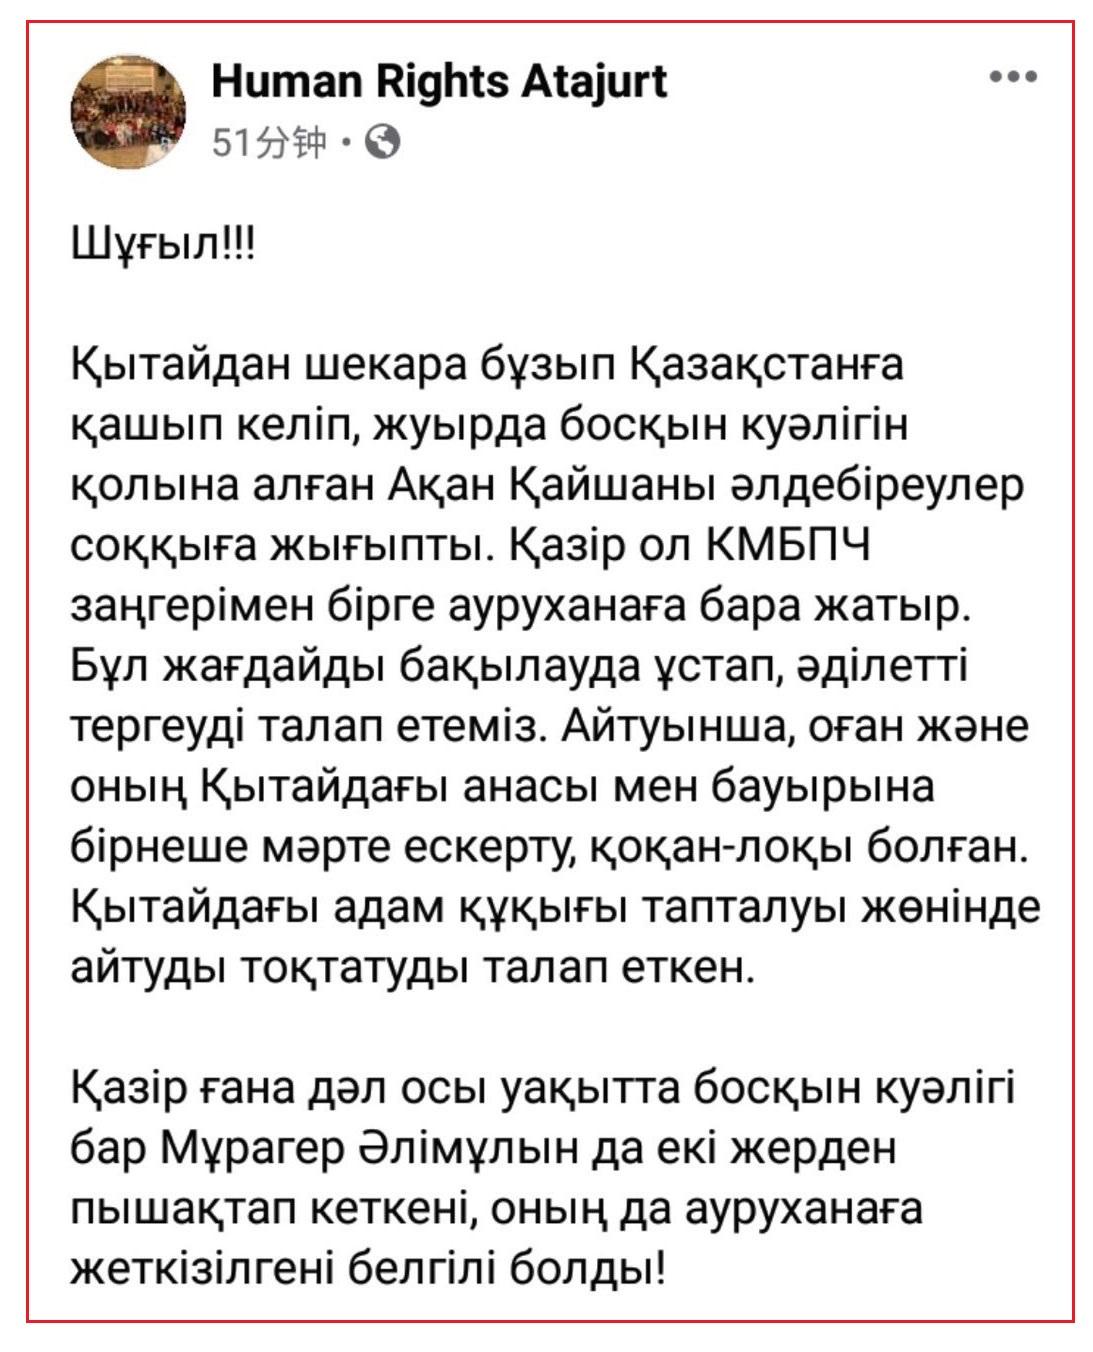 """古麗江在""""臉書""""上對木拉格爾及喀衣夏遇襲事件的描述和對施襲者身份的推測。(來自臉書)"""